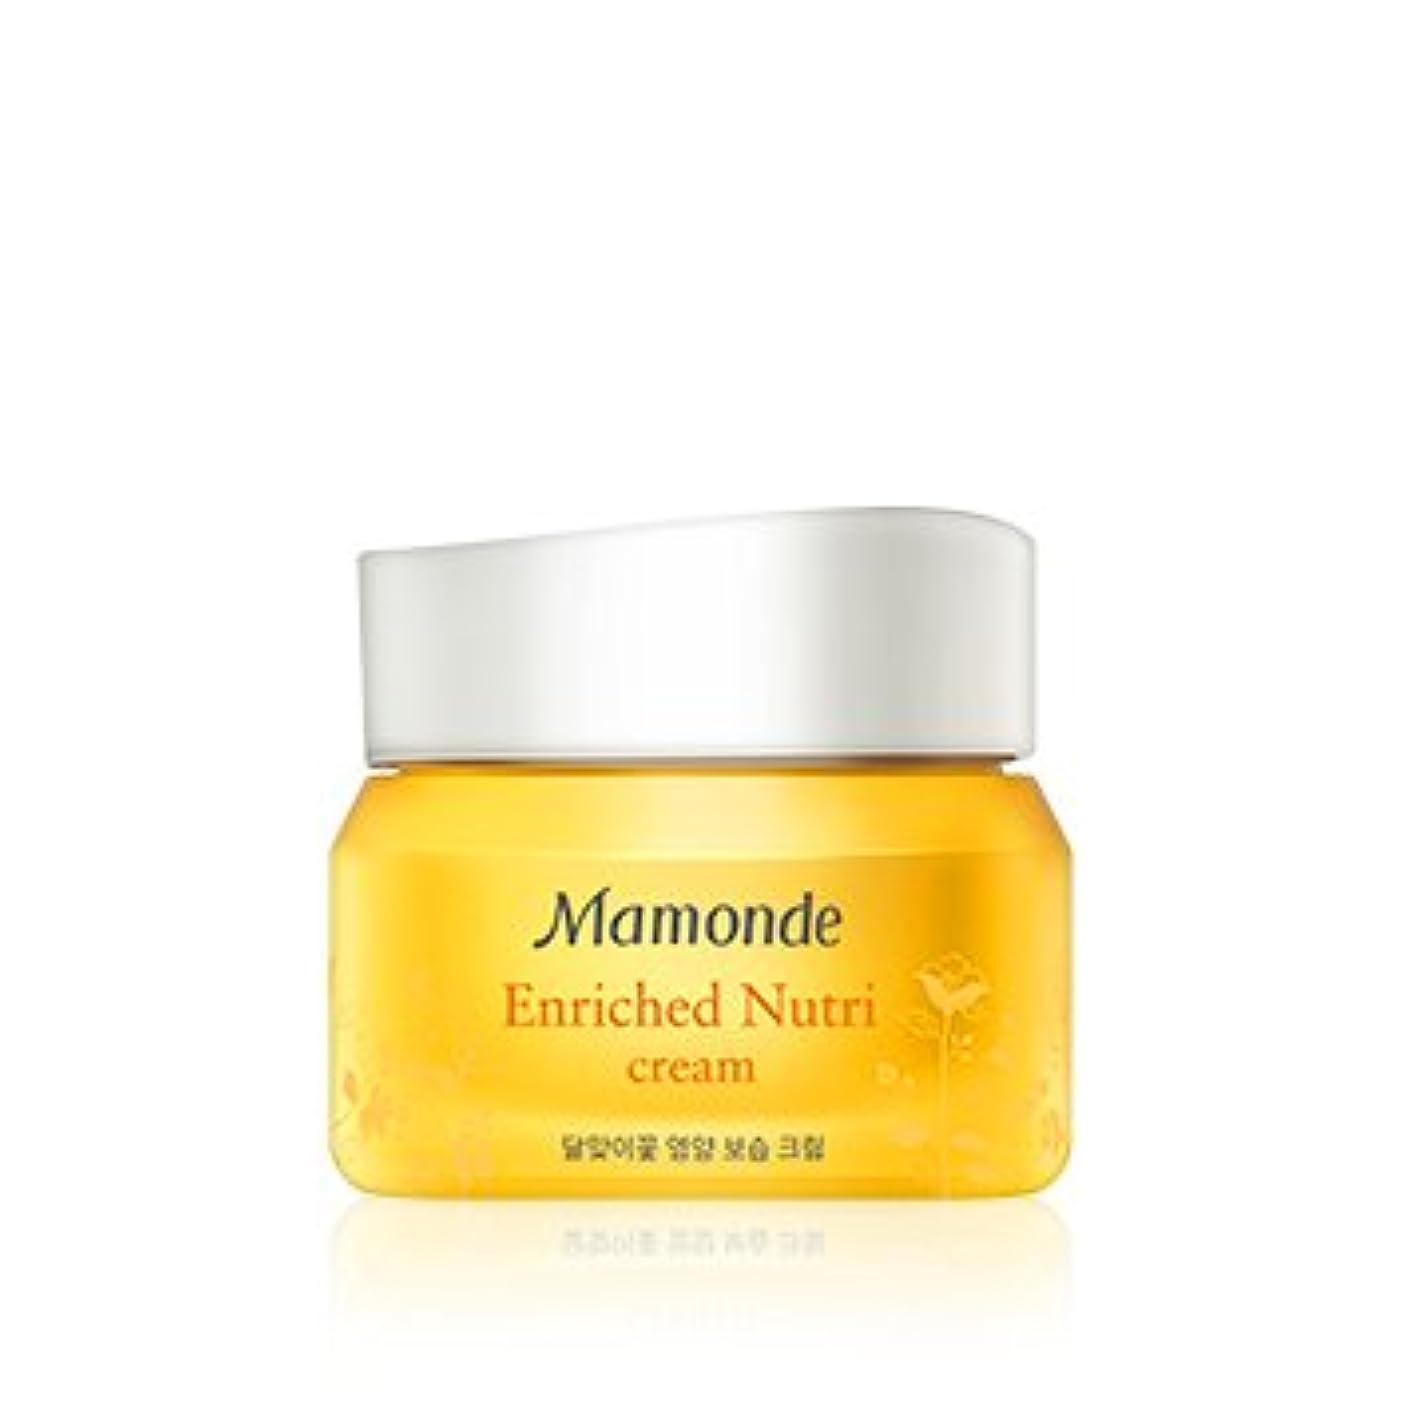 しなやかな人間一見[New] Mamonde Enriched Nutri Cream 50ml/マモンド エンリッチド ニュートリ クリーム 50ml [並行輸入品]